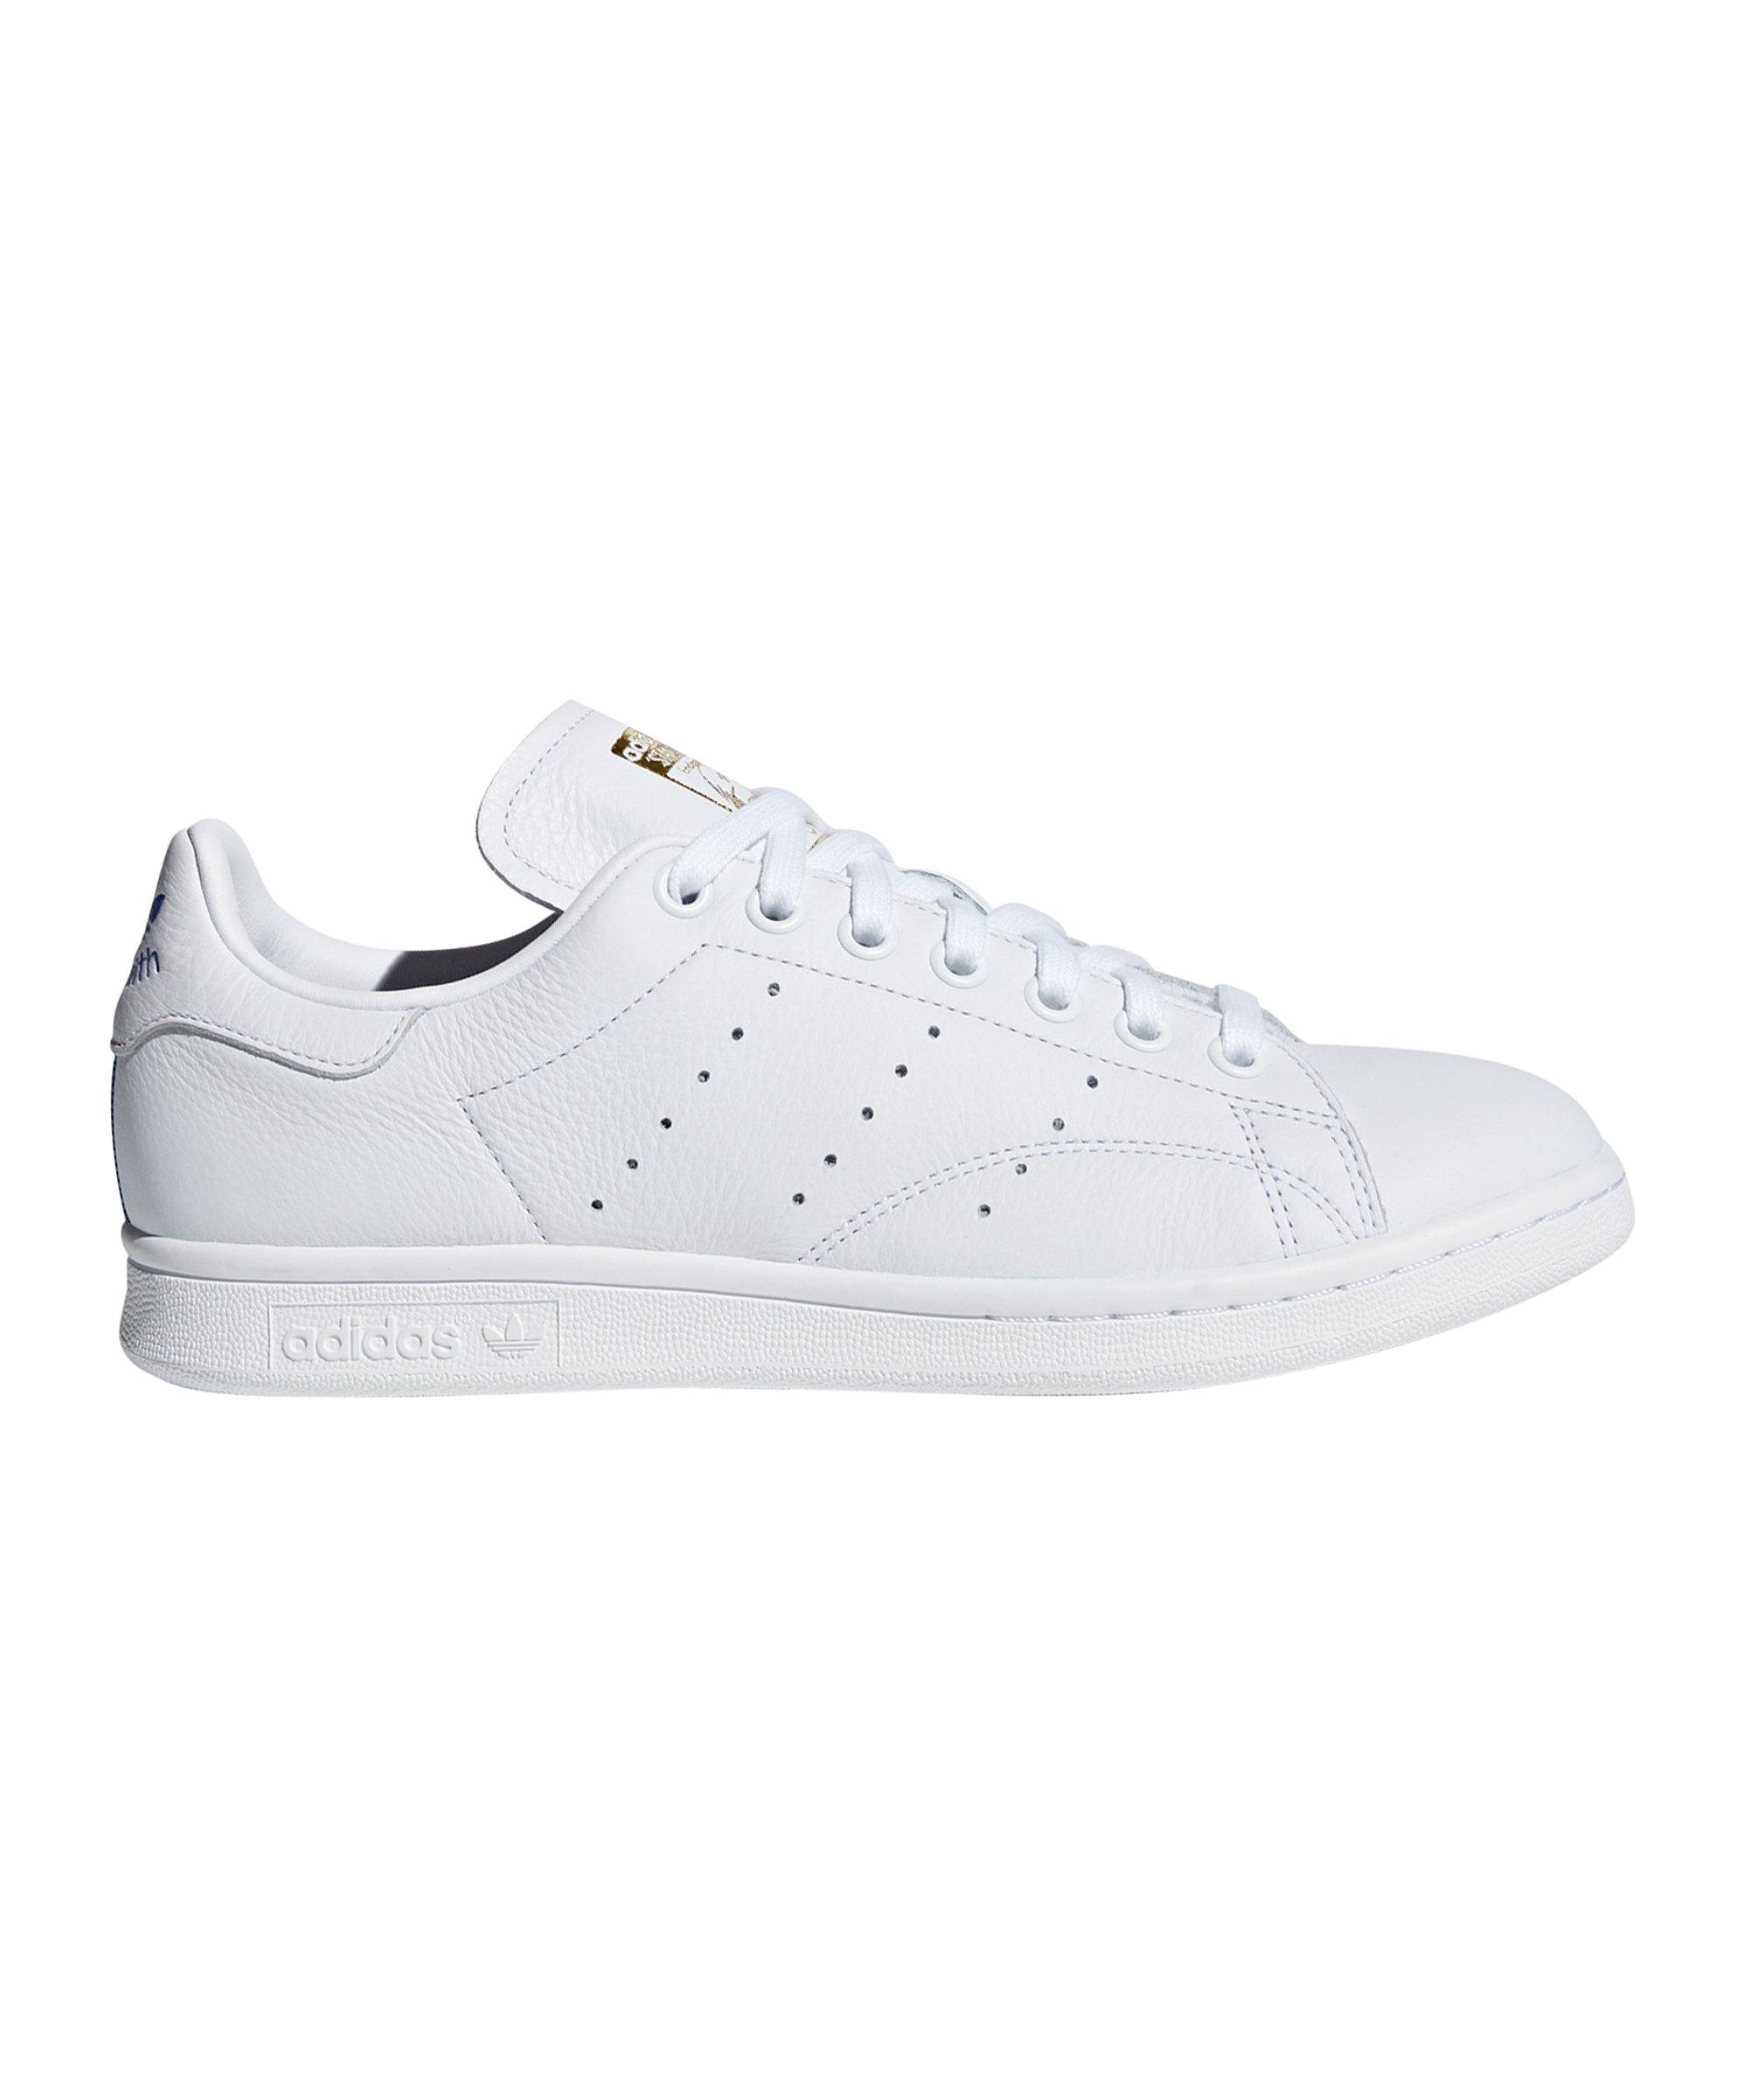 günstige neue Art adidas Stan Smith Youth Schuhe Weiß